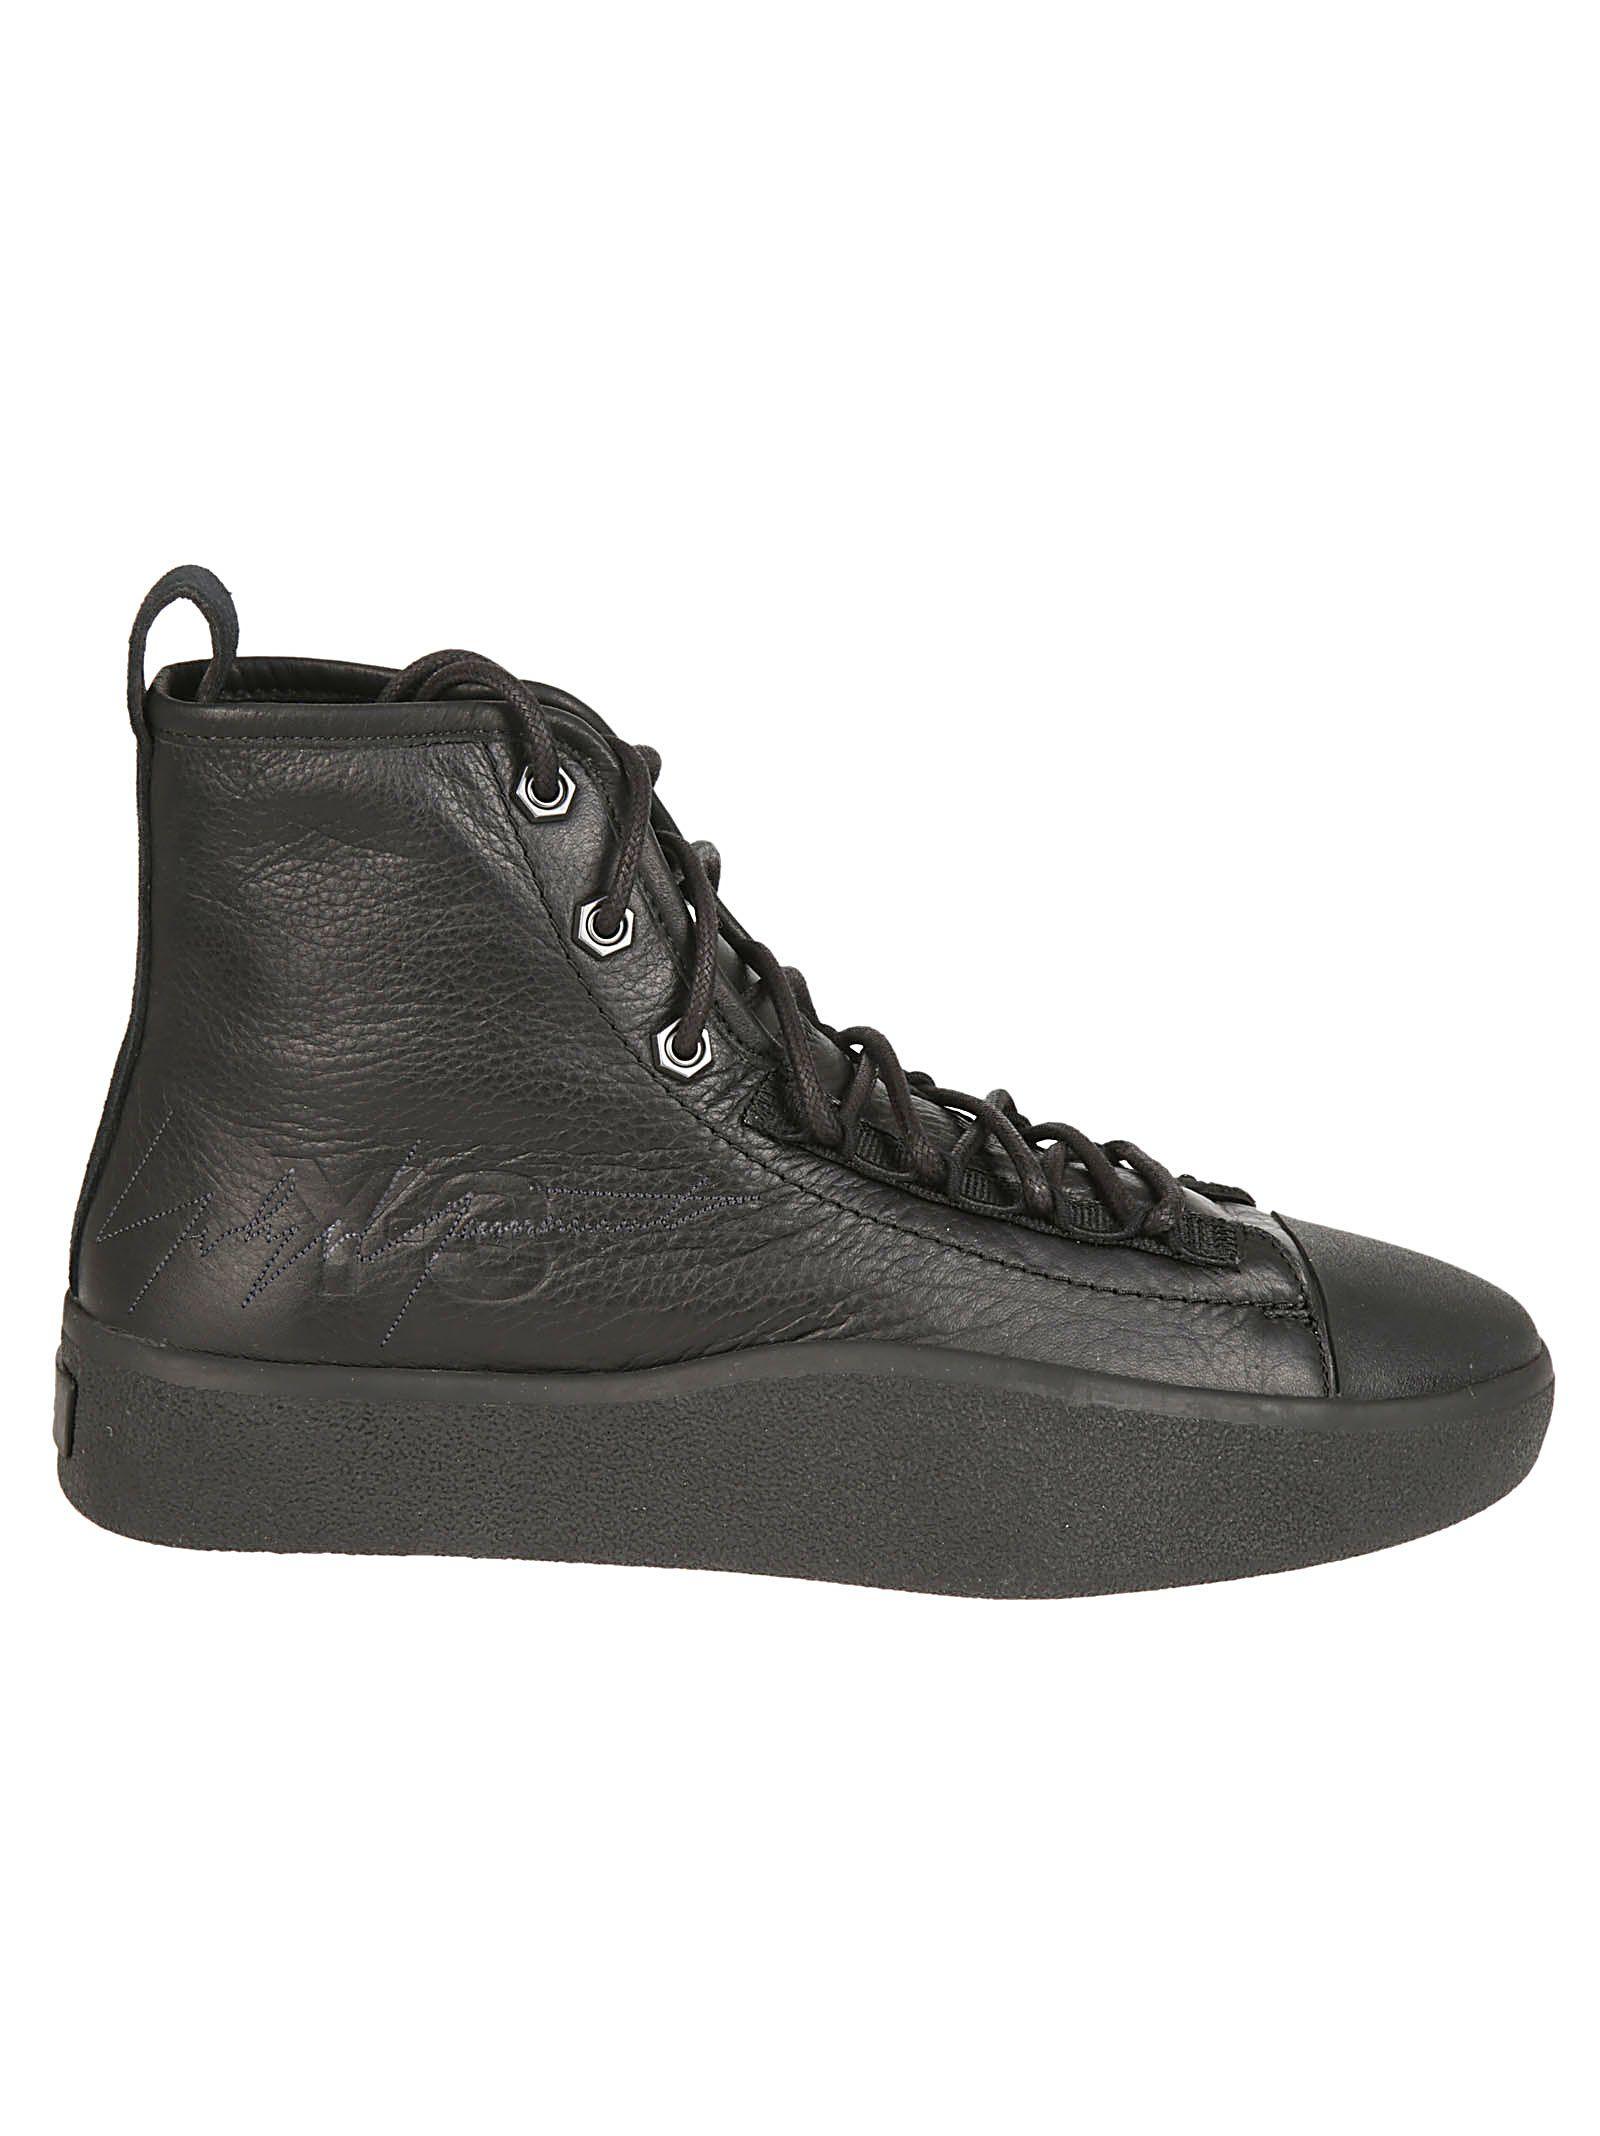 Y-3 Bashyo Ii Hi-top Sneakers